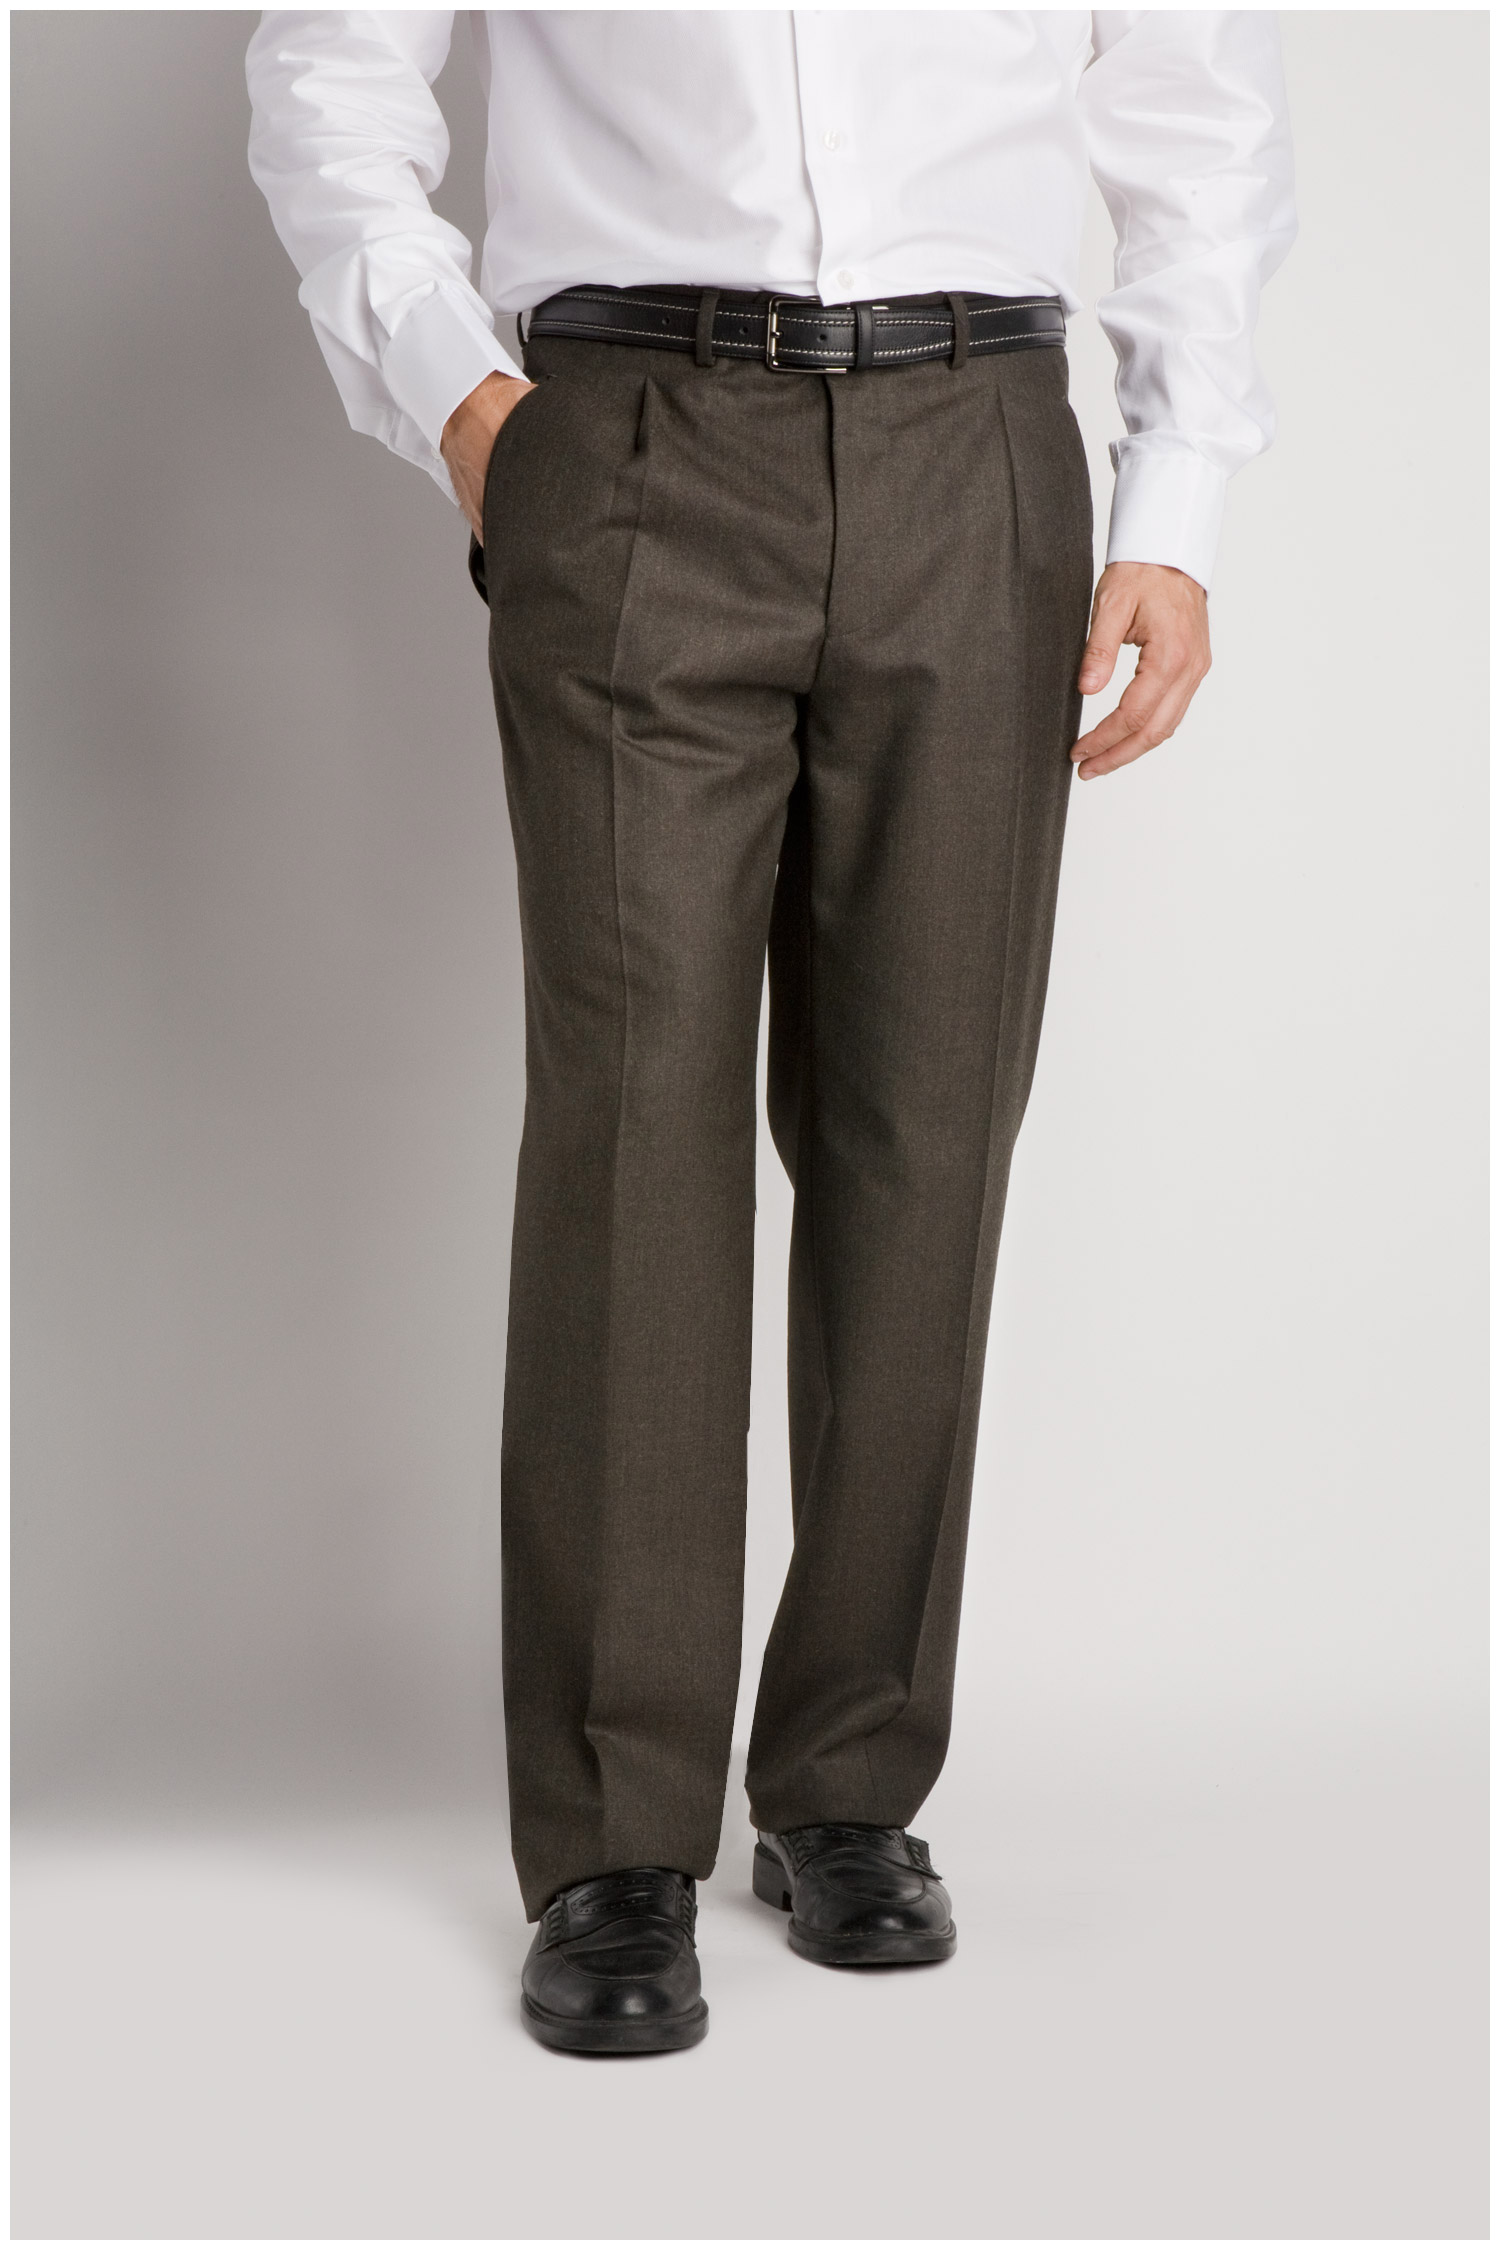 Pantalones De Vestir Tallas Grandes Hombre Ref 103992